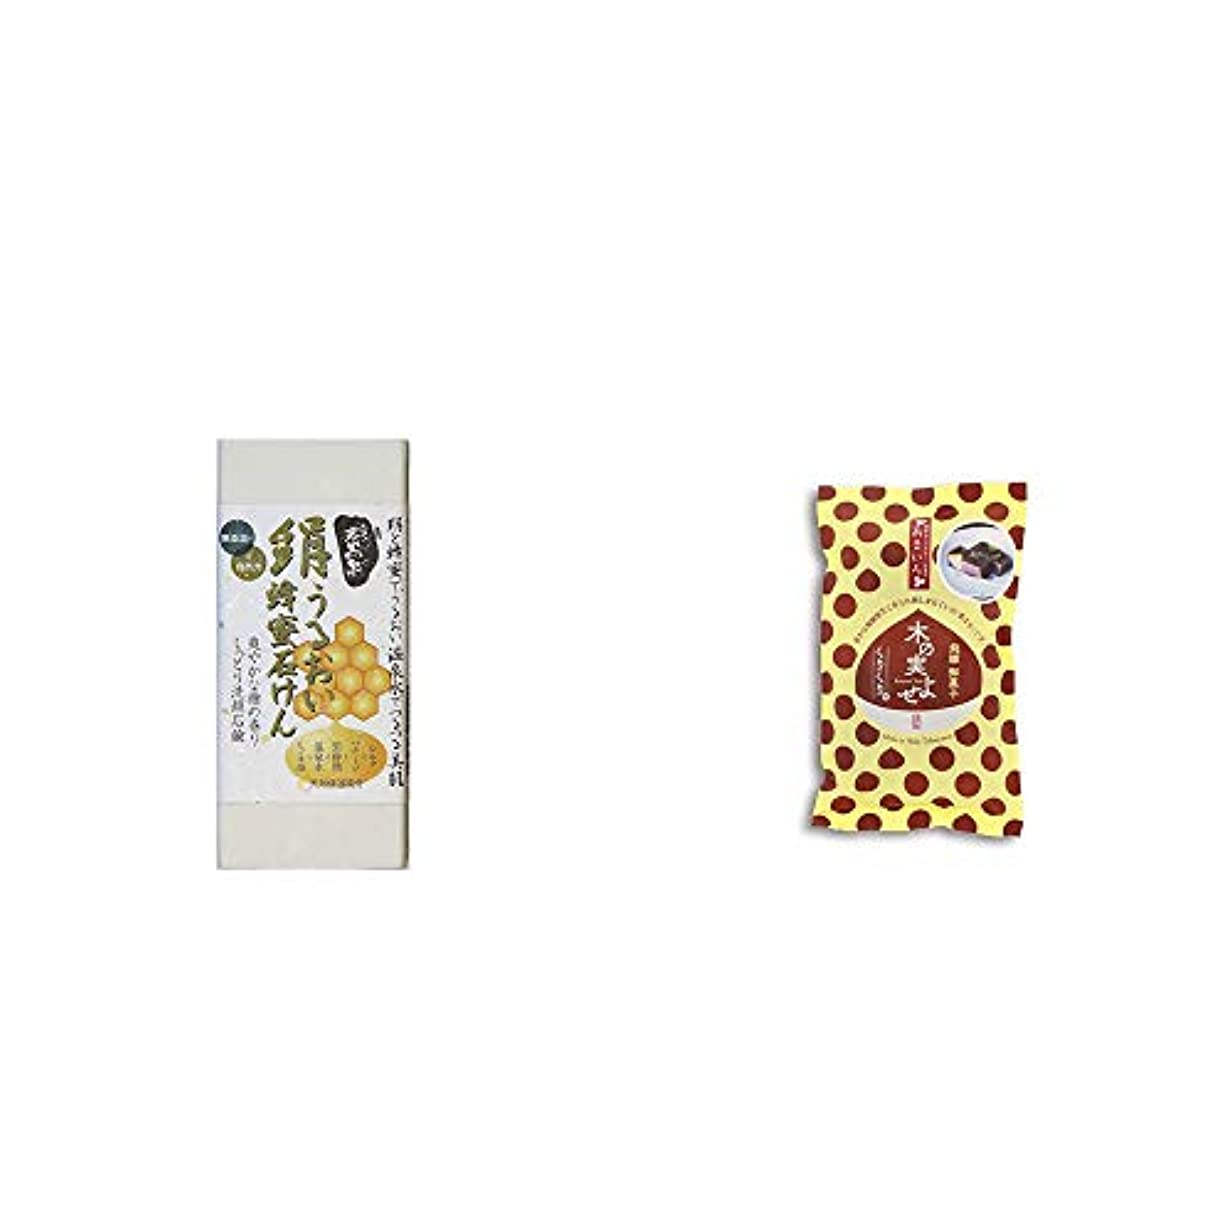 倍増褐色外交[2点セット] ひのき炭黒泉 絹うるおい蜂蜜石けん(75g×2)?木の実よせ くりくり味(5個入)